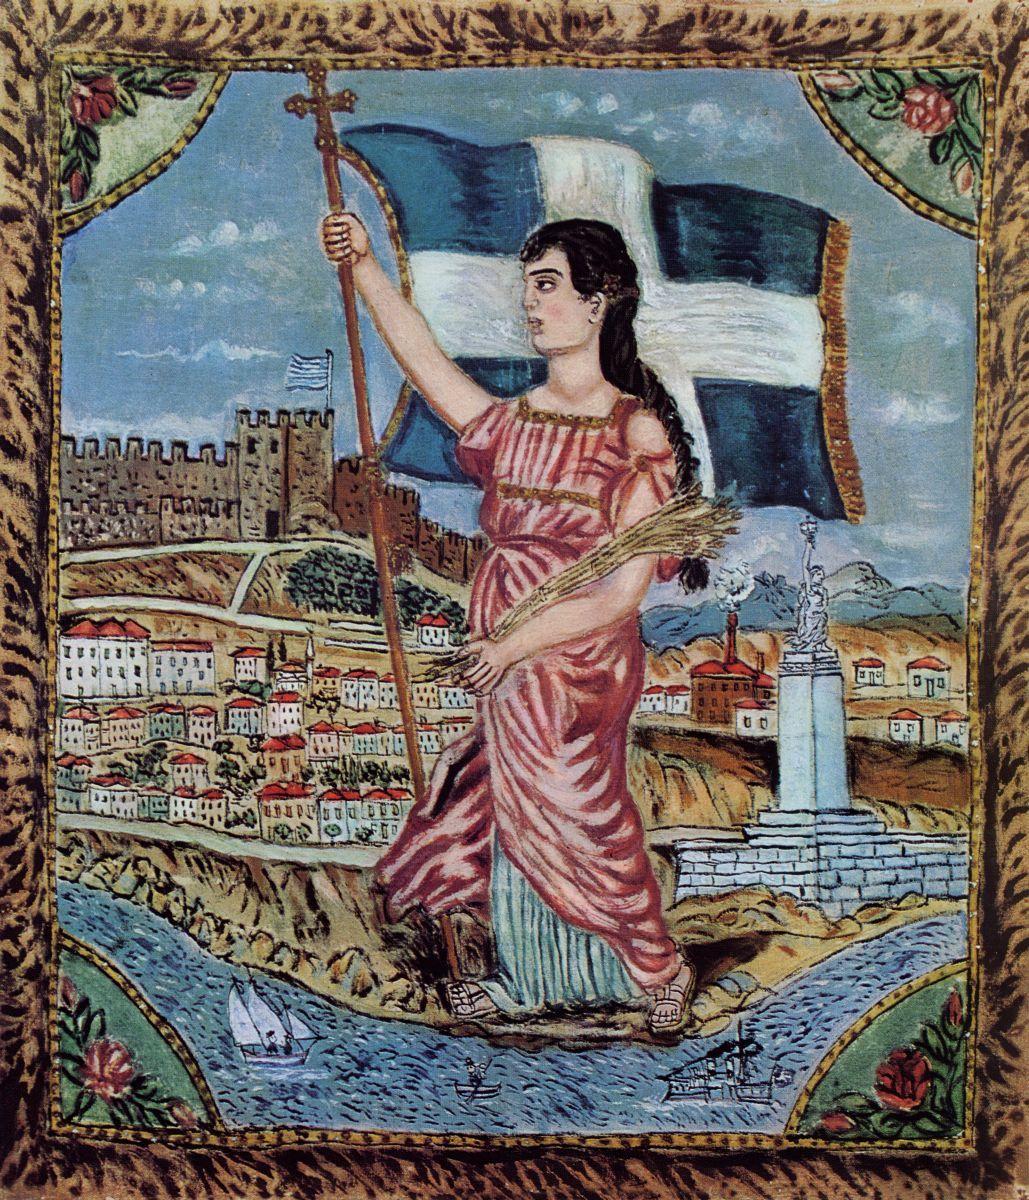 Αποτέλεσμα εικόνας για ελληνική σημαία σε ζωγραφικούς πίνακες